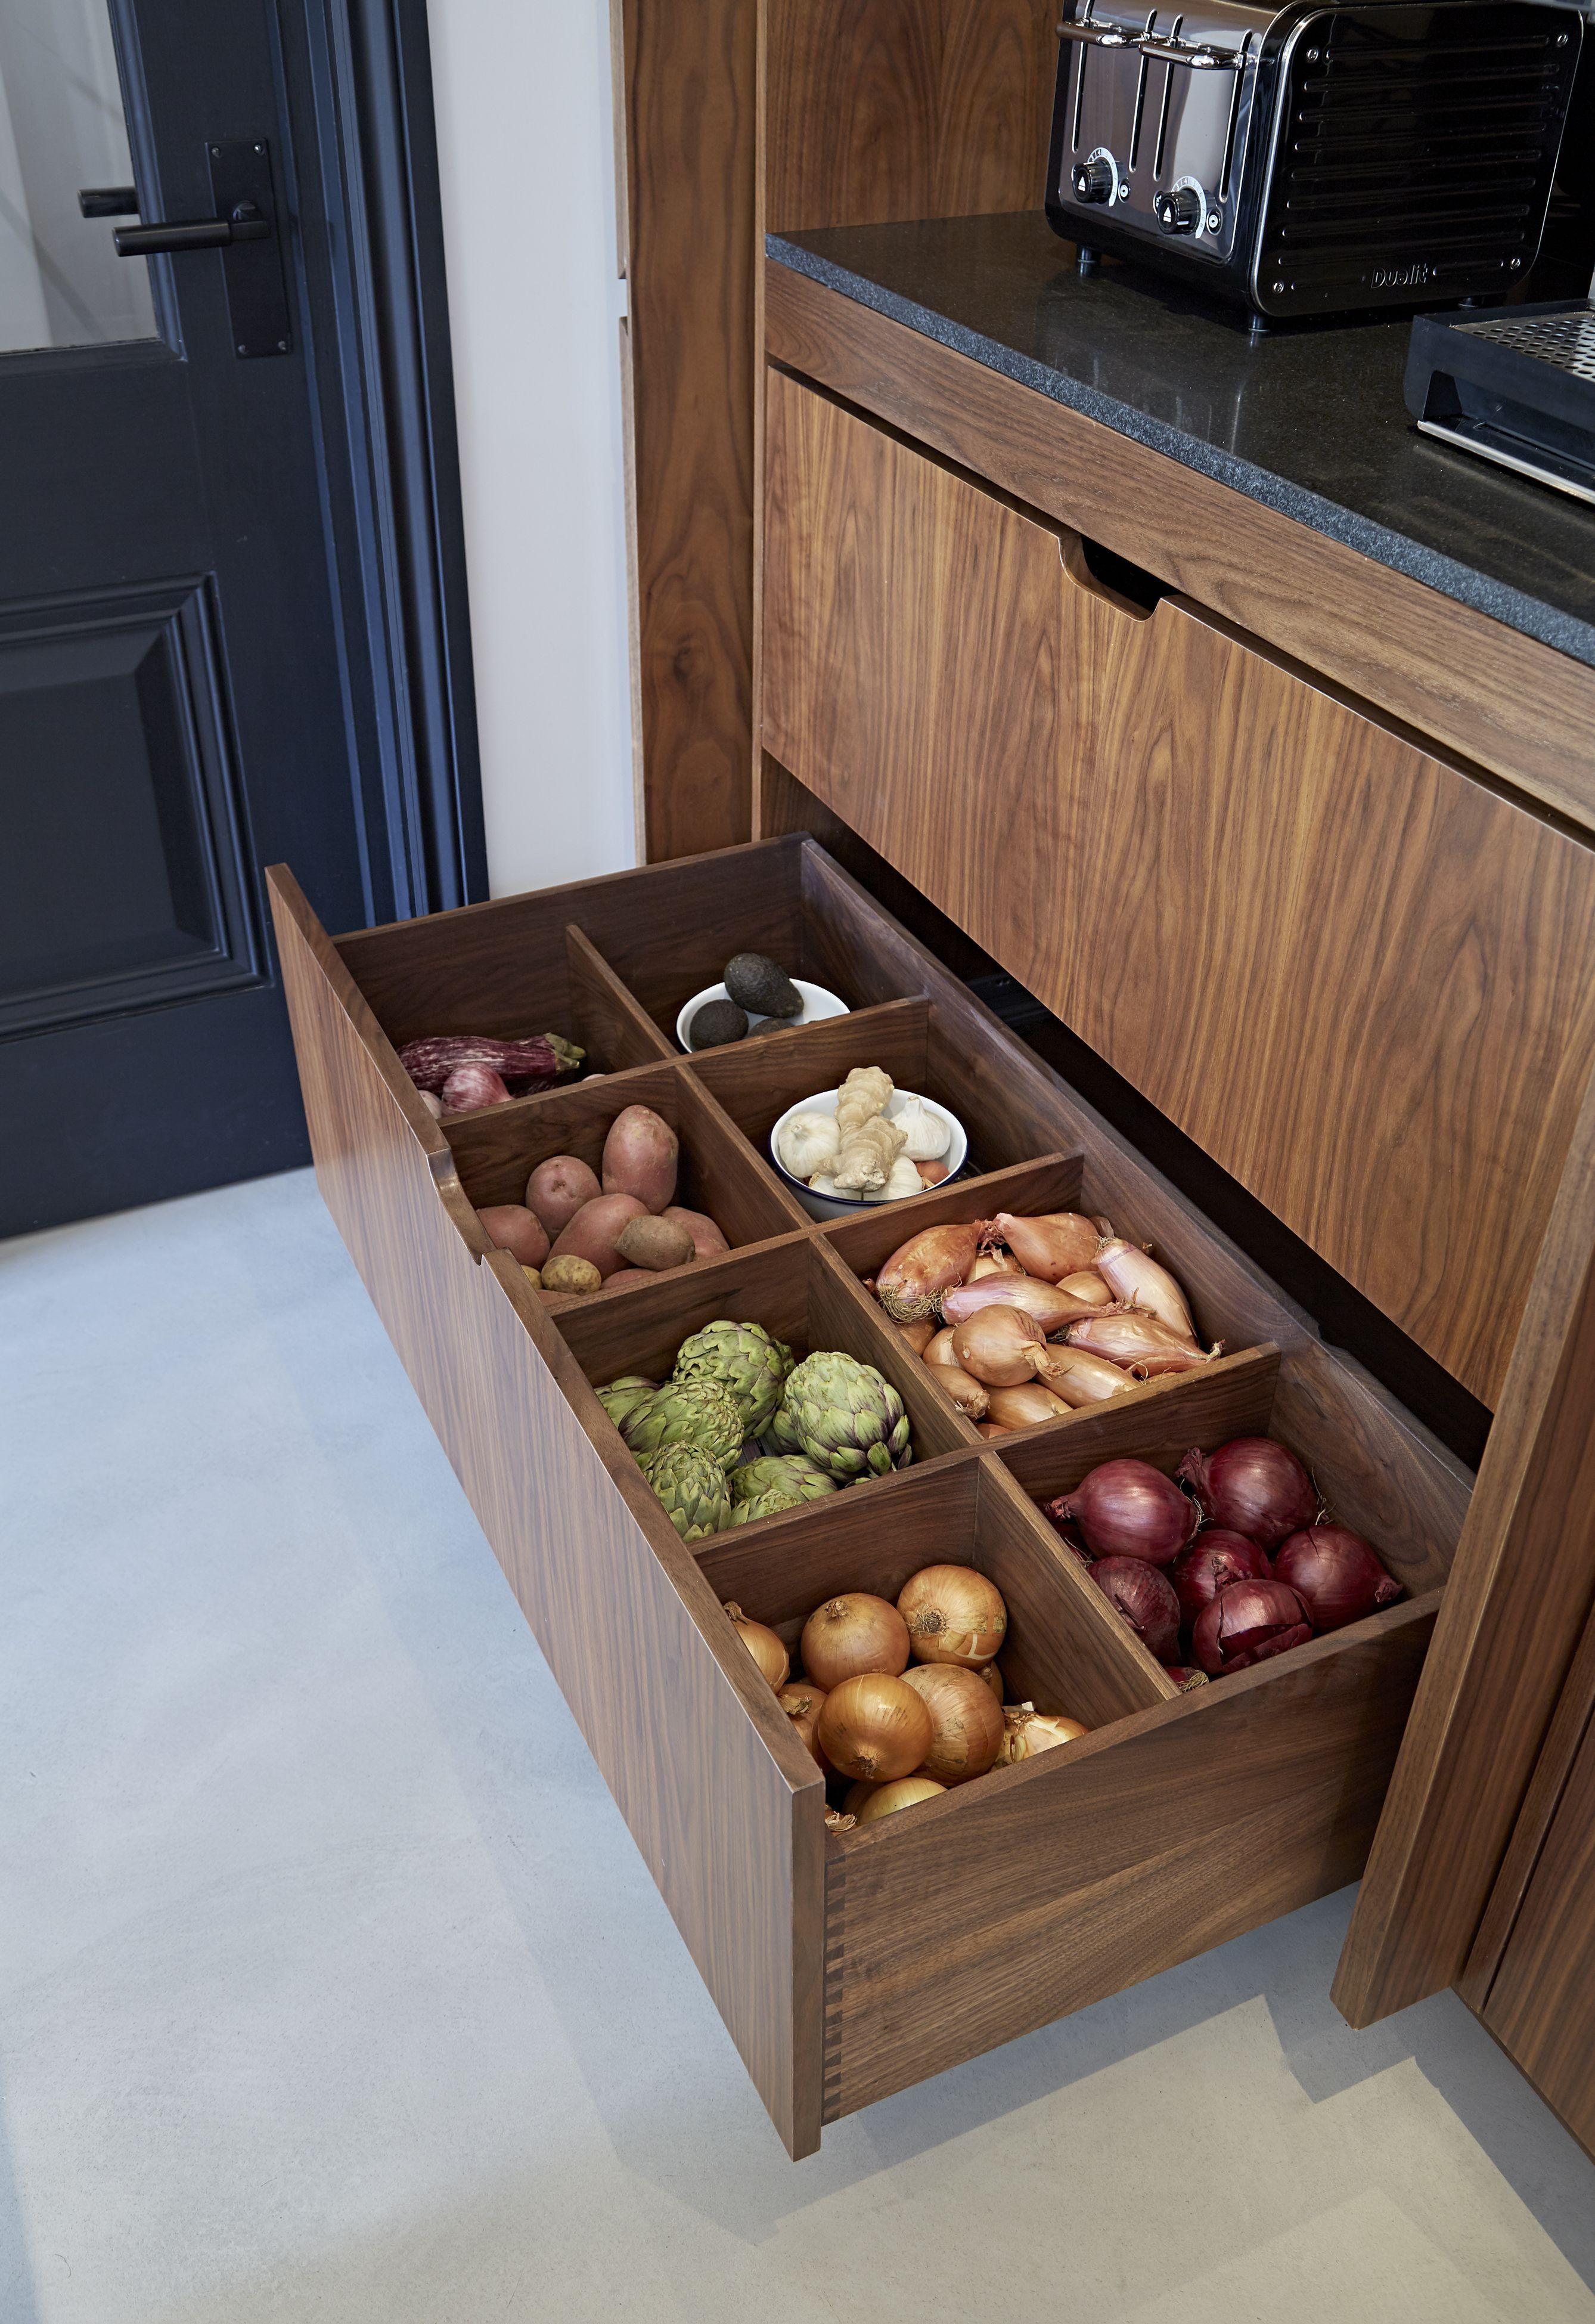 43 Farmhouse Inspired Kitchen Storage Ideas